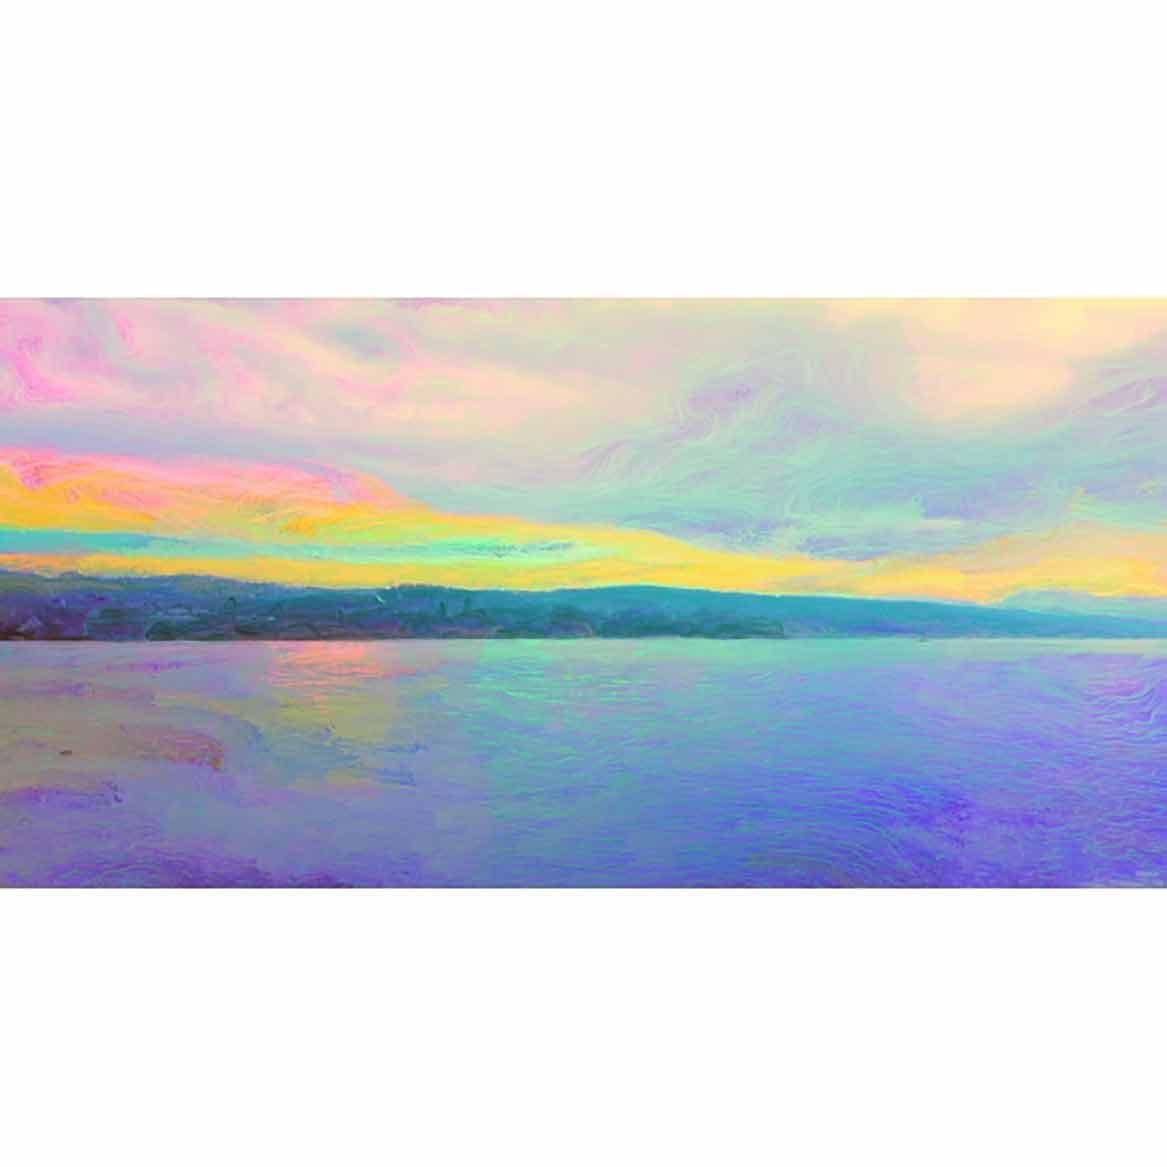 Leinwandbild vom Zürichsee 150 x 75 cm